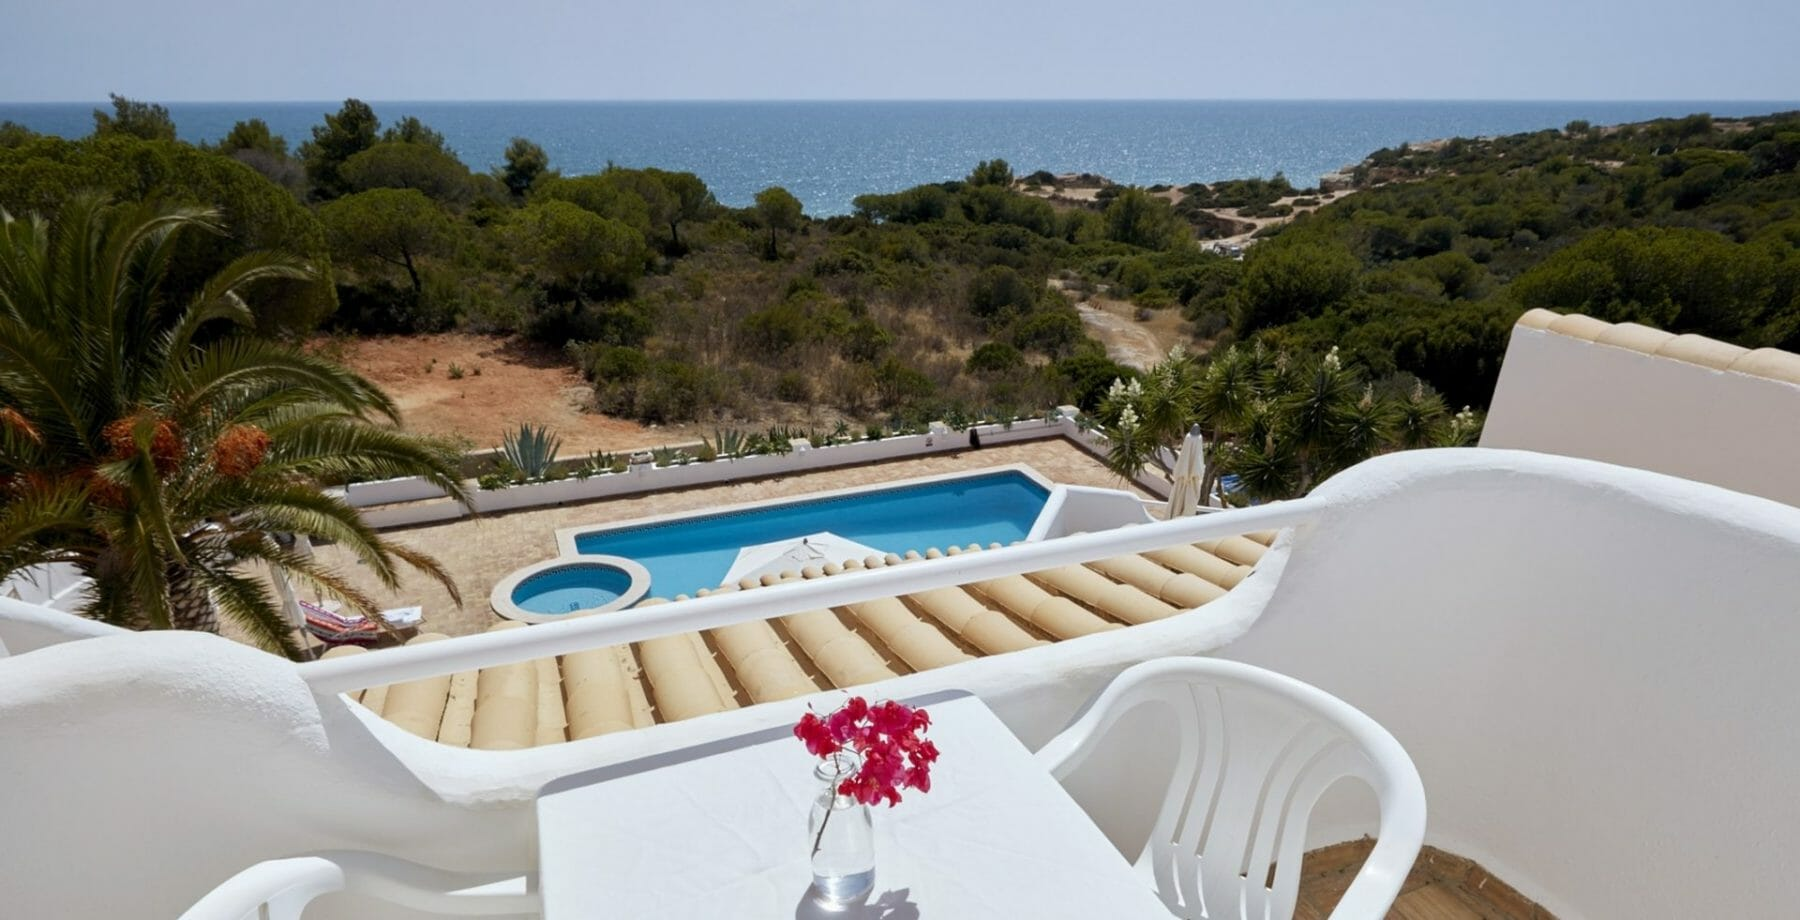 Aussicht Meerblickvilla aus von über Pool und grüne Klippen auf den Atlantik